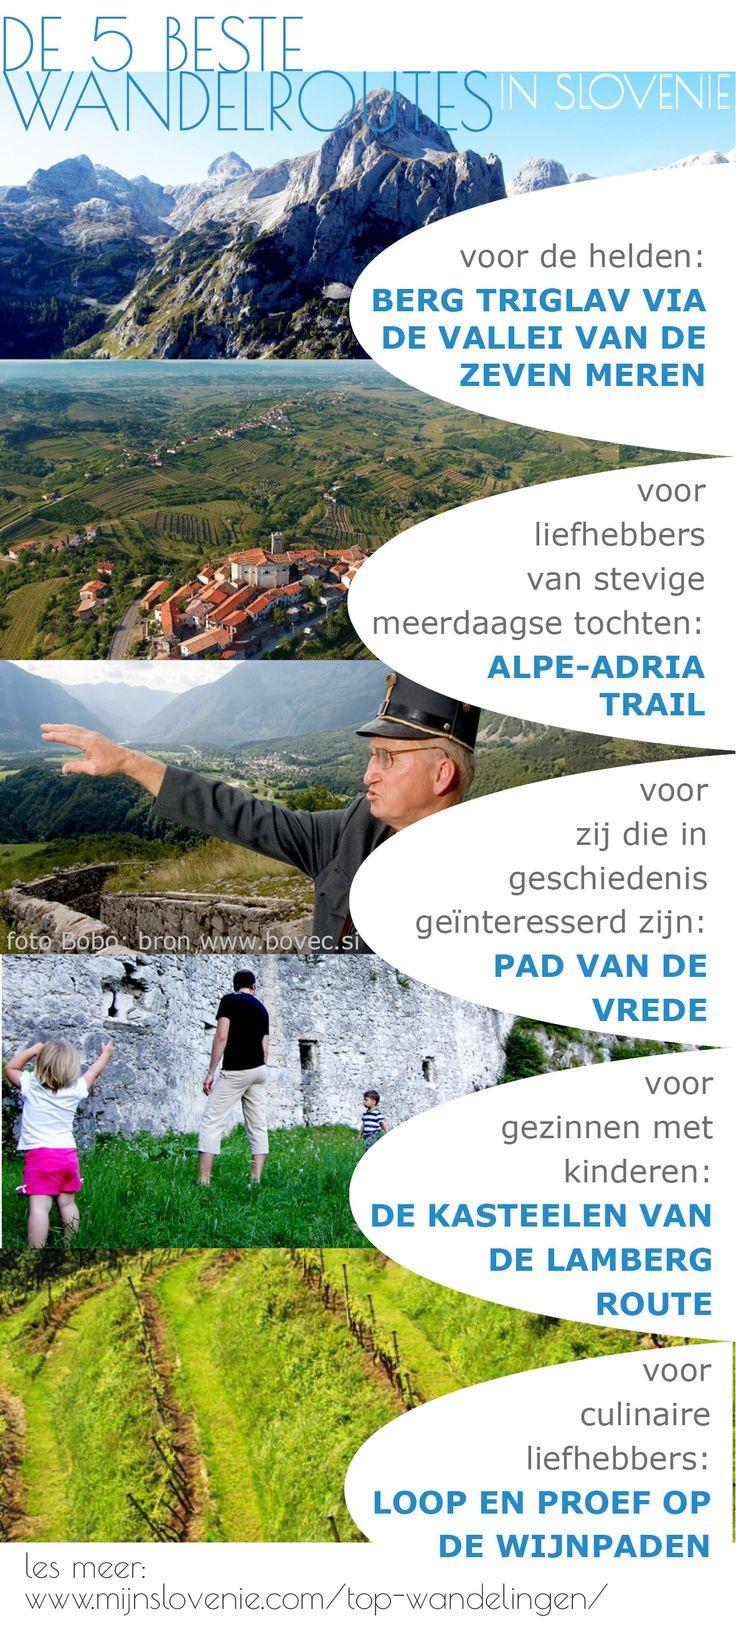 In het slechts 20.000 vierkante kilometer grote grondgebied van Slovenië vind je maarliefst 10.000 kilometer aan wandelroutes. Deze zijn de 5 beste wandelroutes in de Sloveense bergen en heuvels ...  / #Slovenië #wandelen / @MijnsLOVEnie / mijnslovenie.com/top-wandelingen/